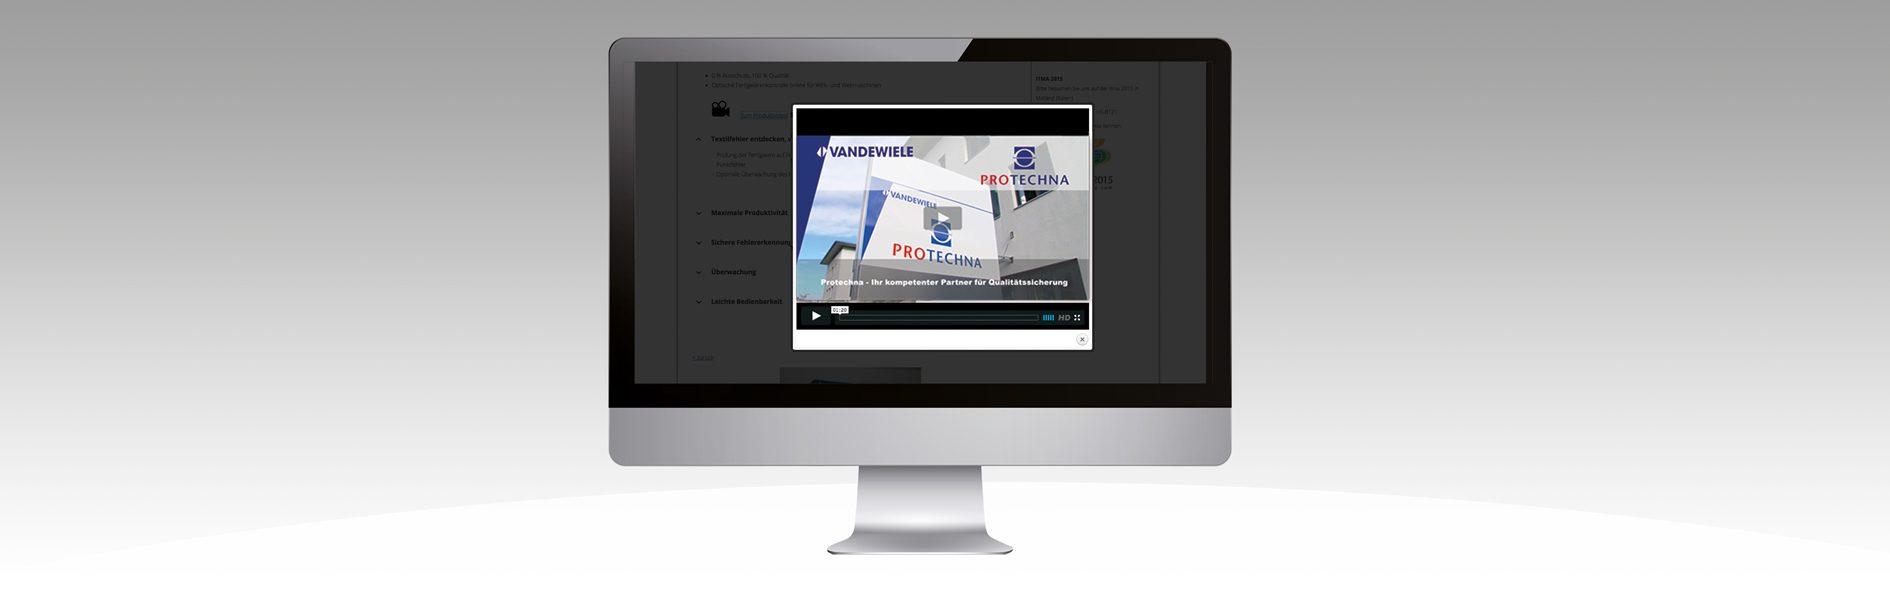 Hier sind die Videos der Protechna Herbst GmbH & Co. KG abgebildet.